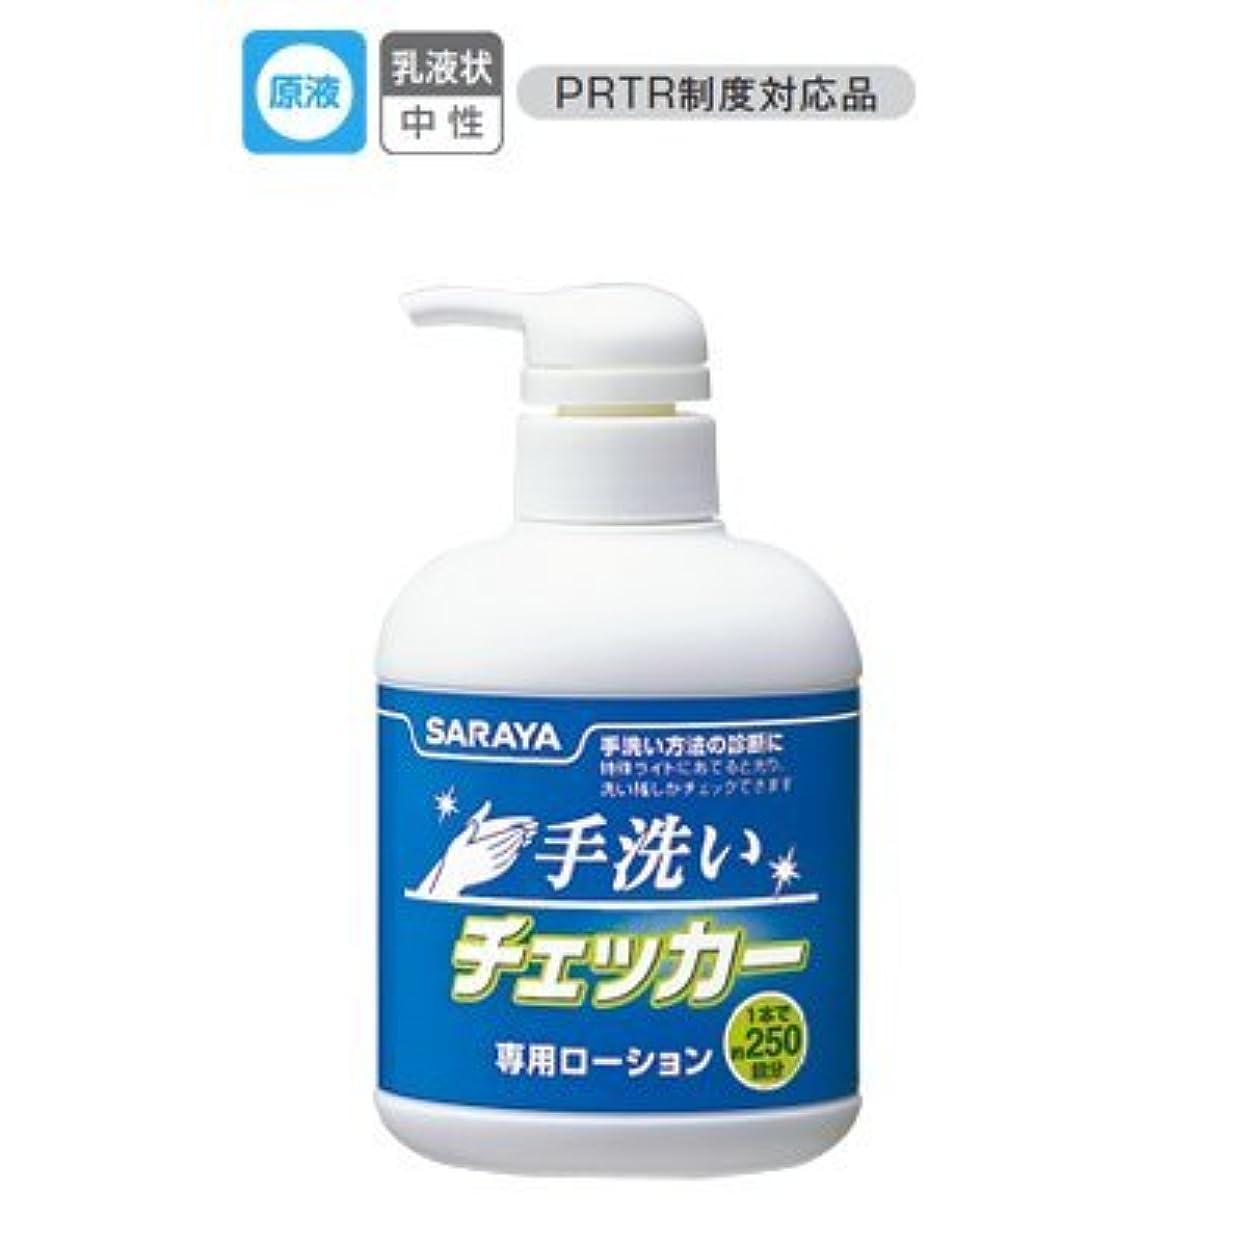 マウスピース役立つ決してサラヤ 手洗いチェッカー 専用ローション 250mL【清潔キレイ館】